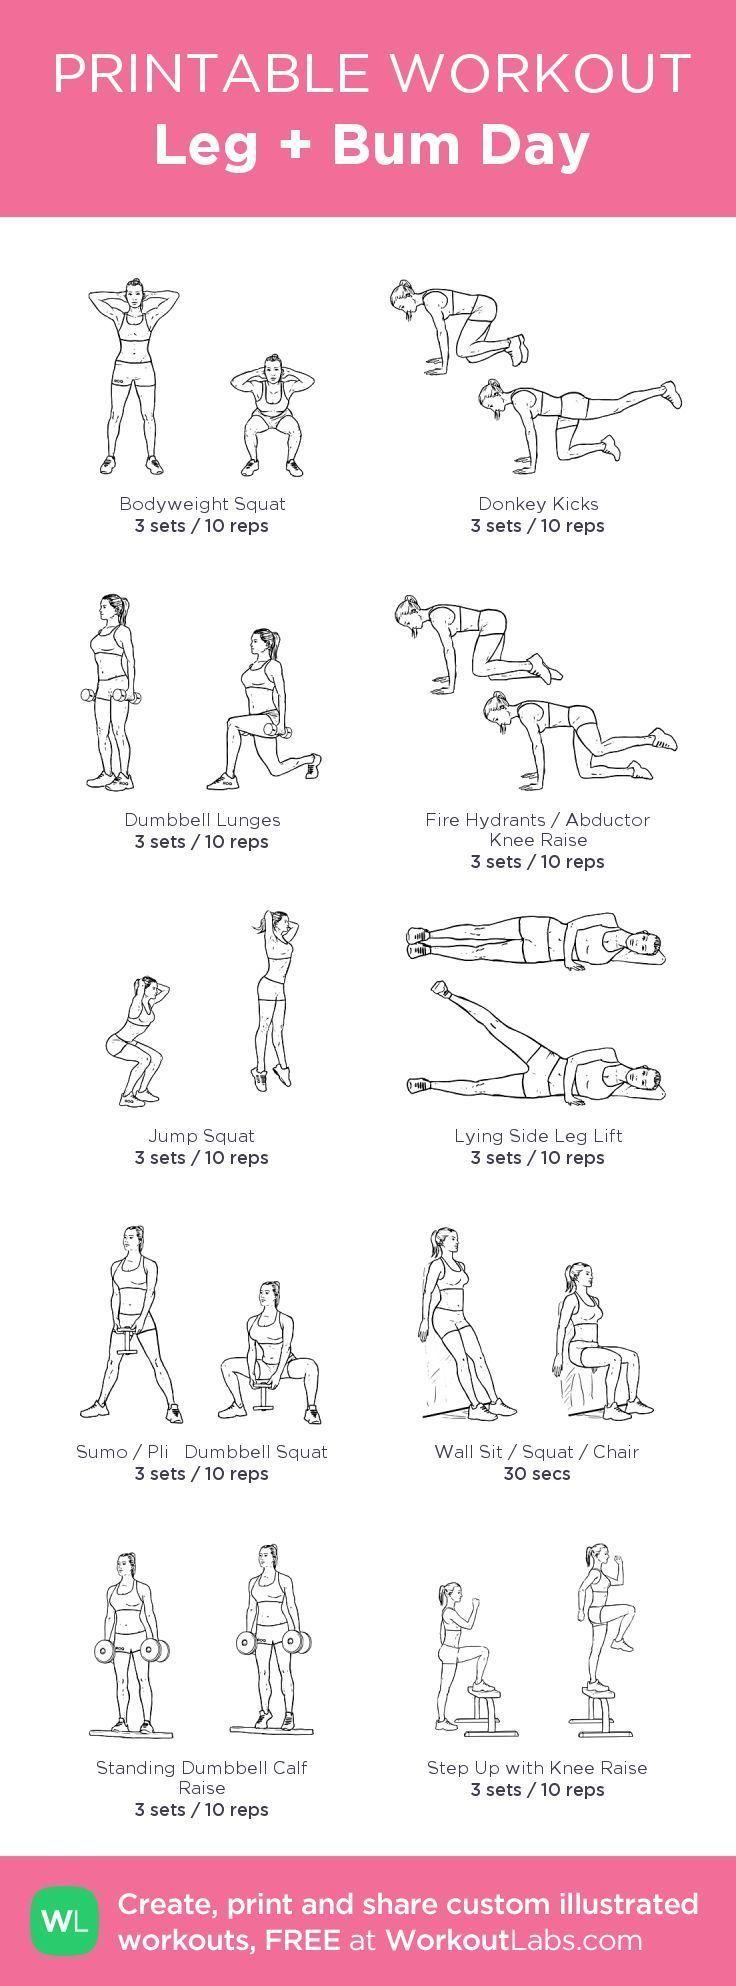 weight loss camp, weight loss clinic, vegetarian weight loss diet - Leg + Bum Day Workout #fitspiration